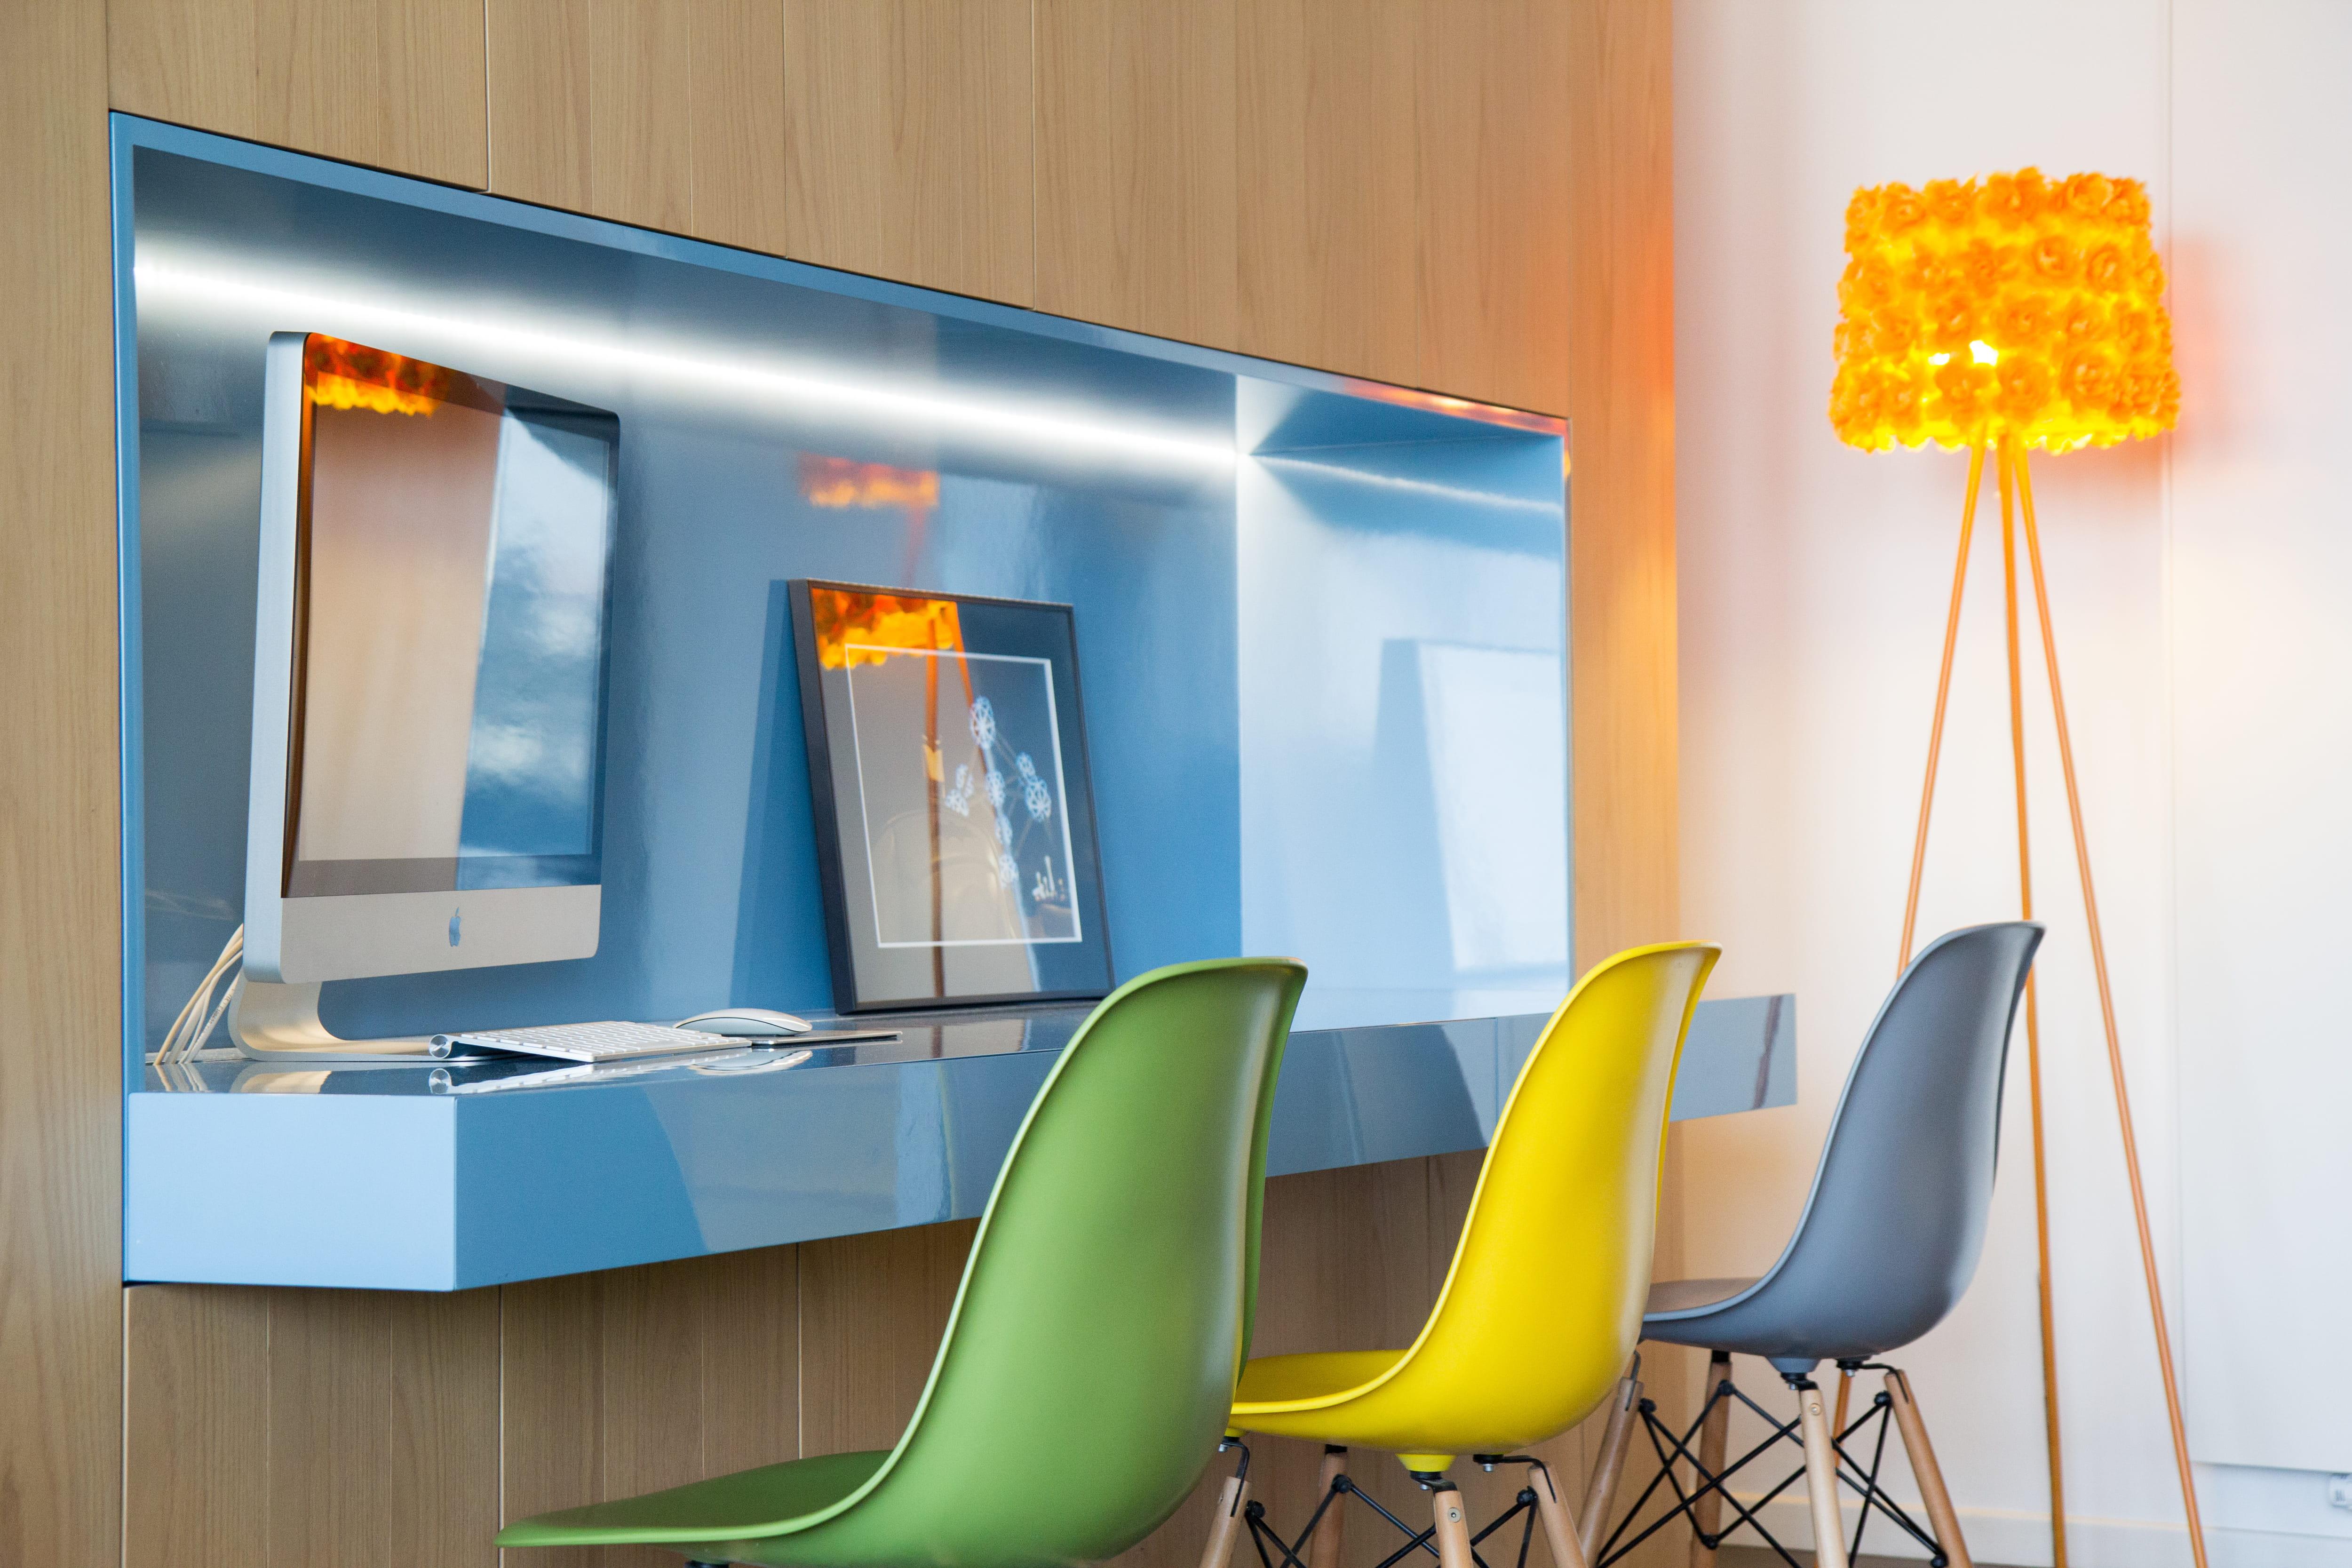 comment installer un coin bureau dans un petit espace ?